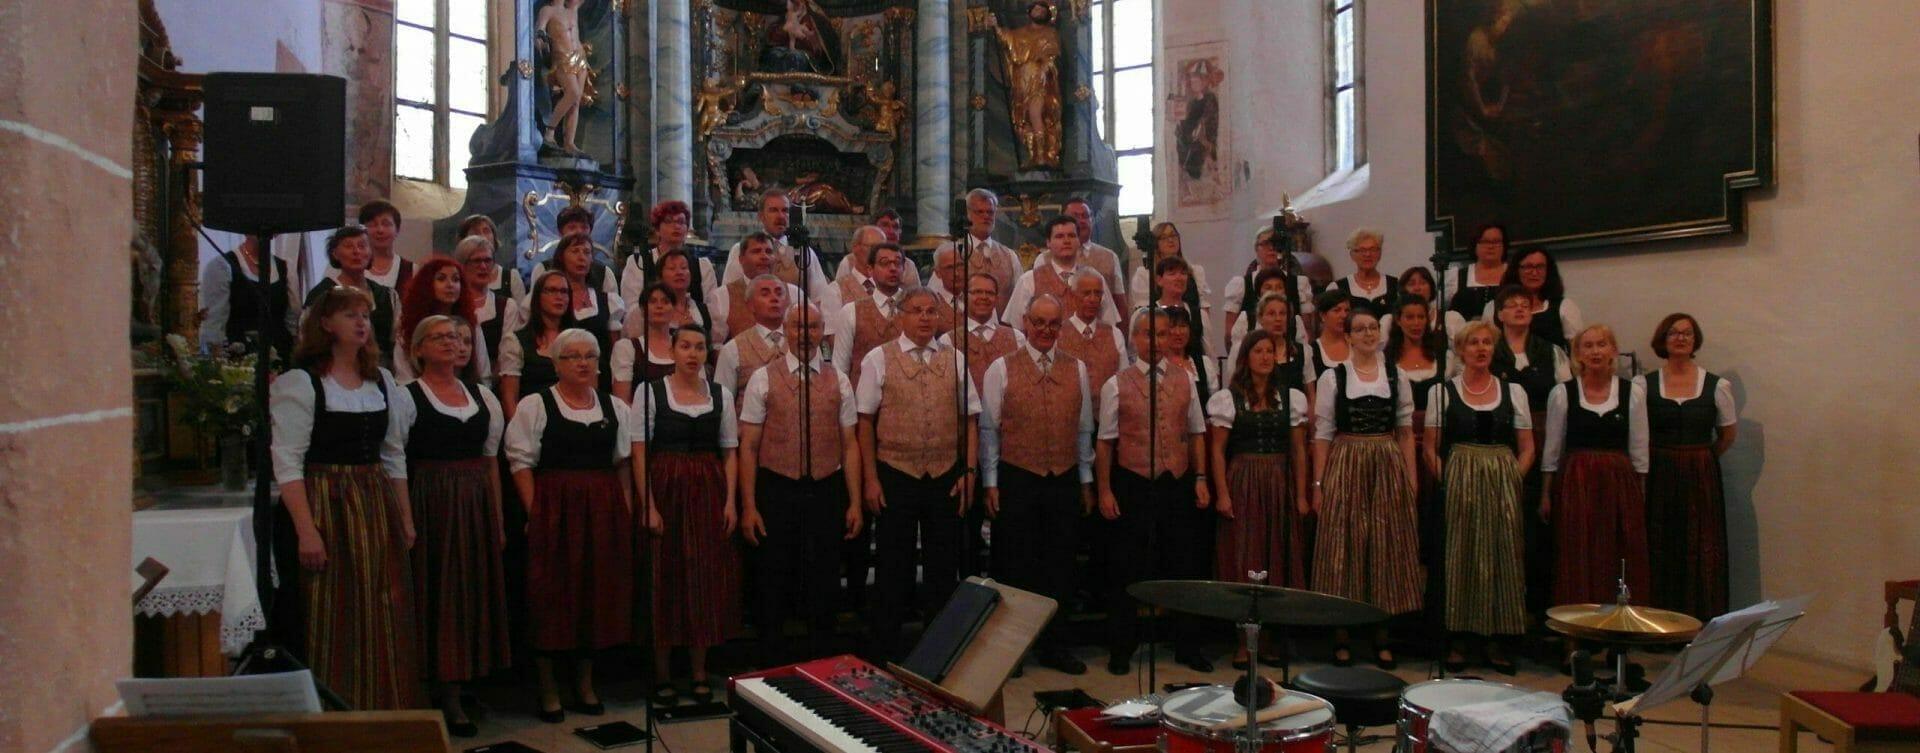 Chor Haag